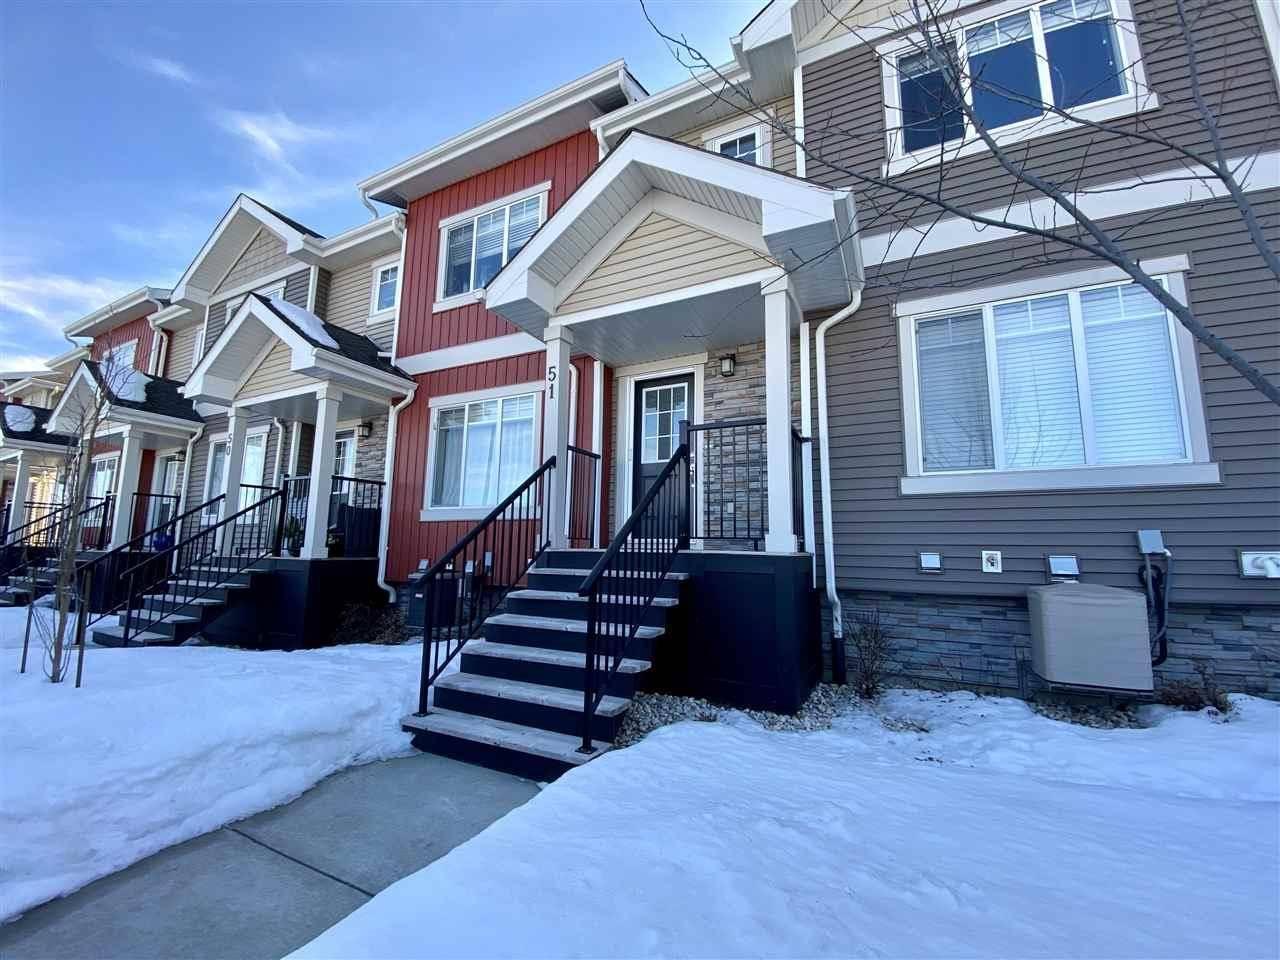 51 - 675 Albany Way Nw, Edmonton | Image 2